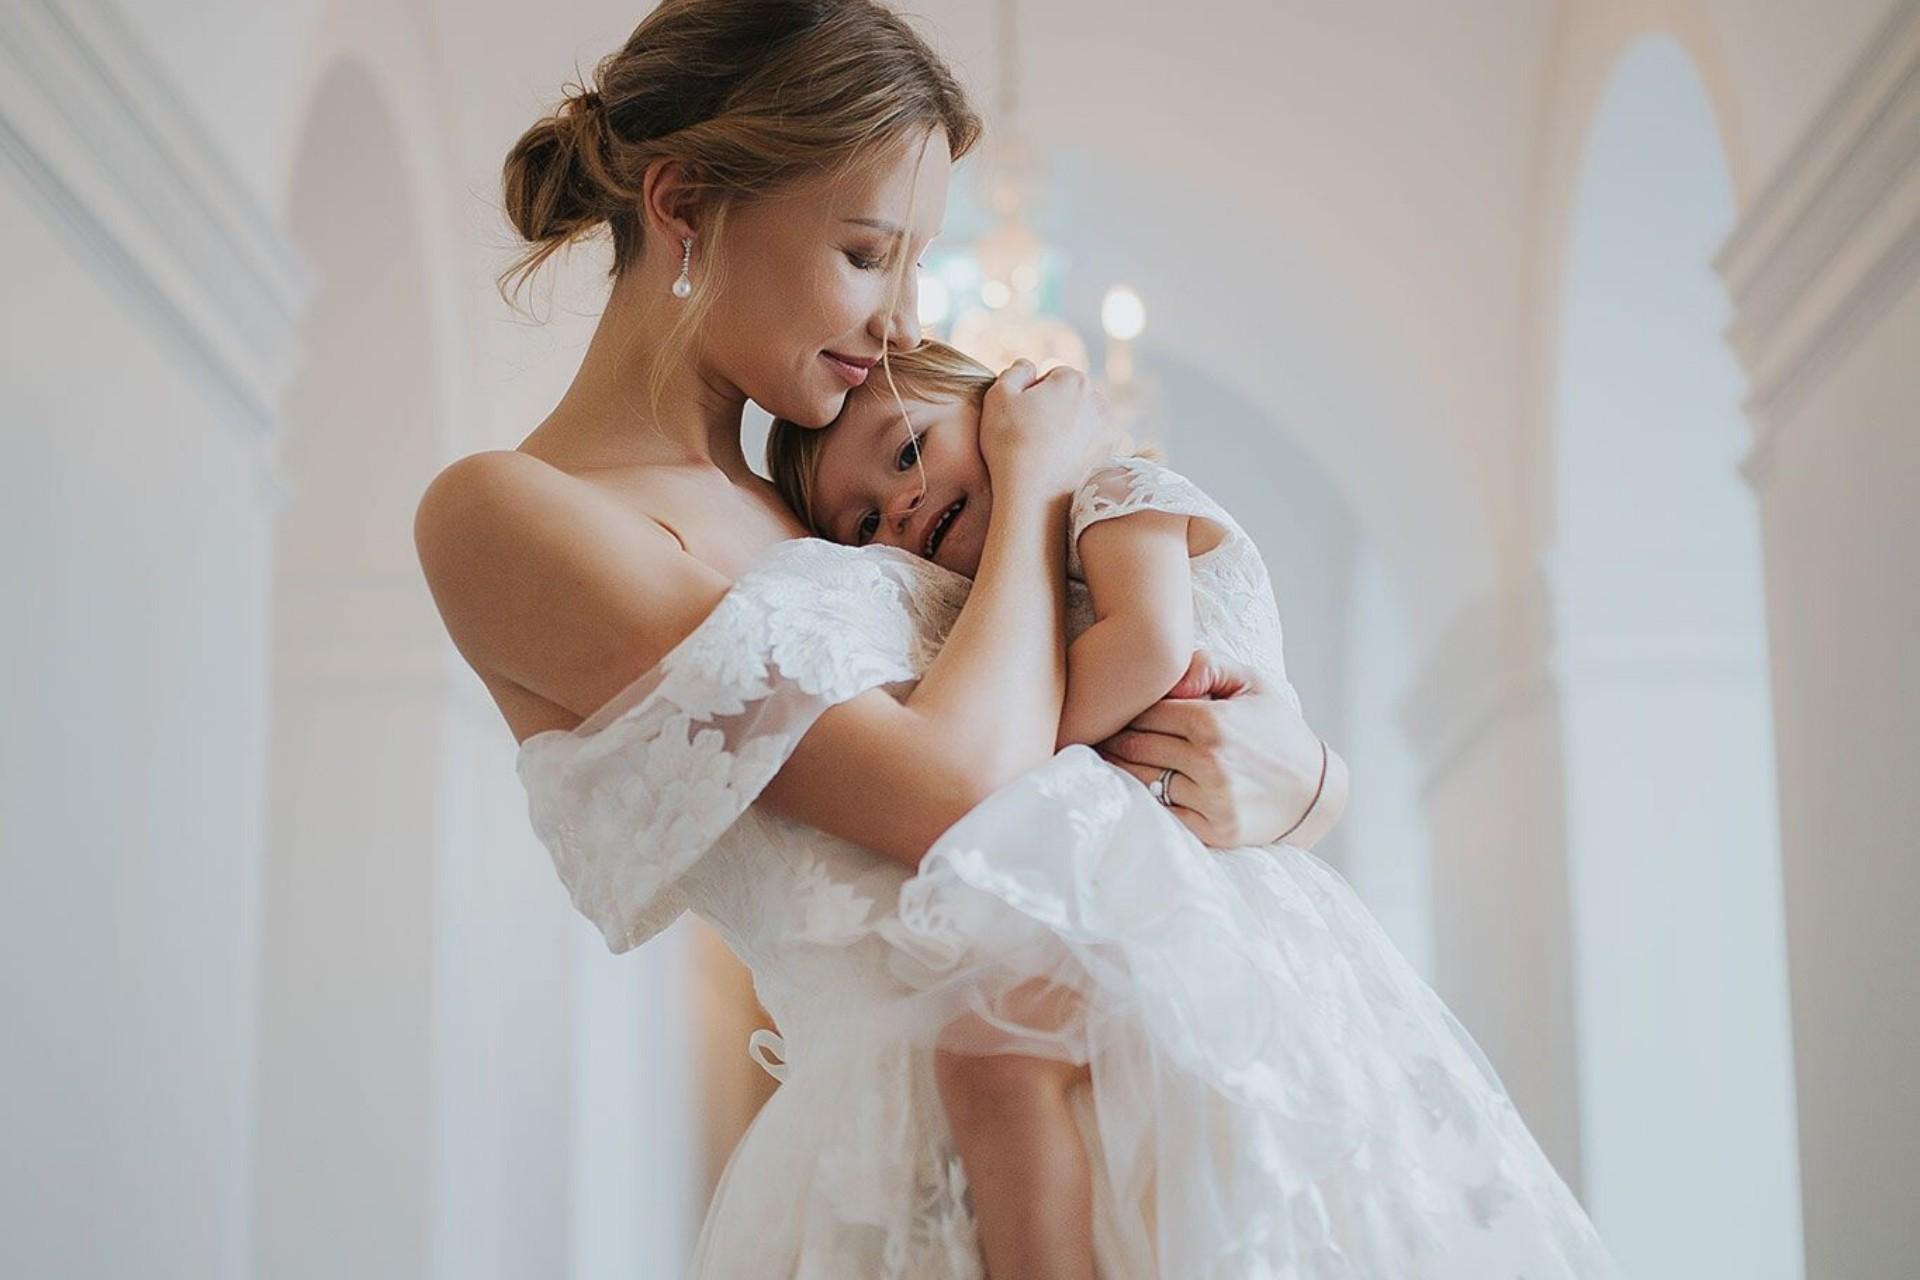 Children in wedding ceremony